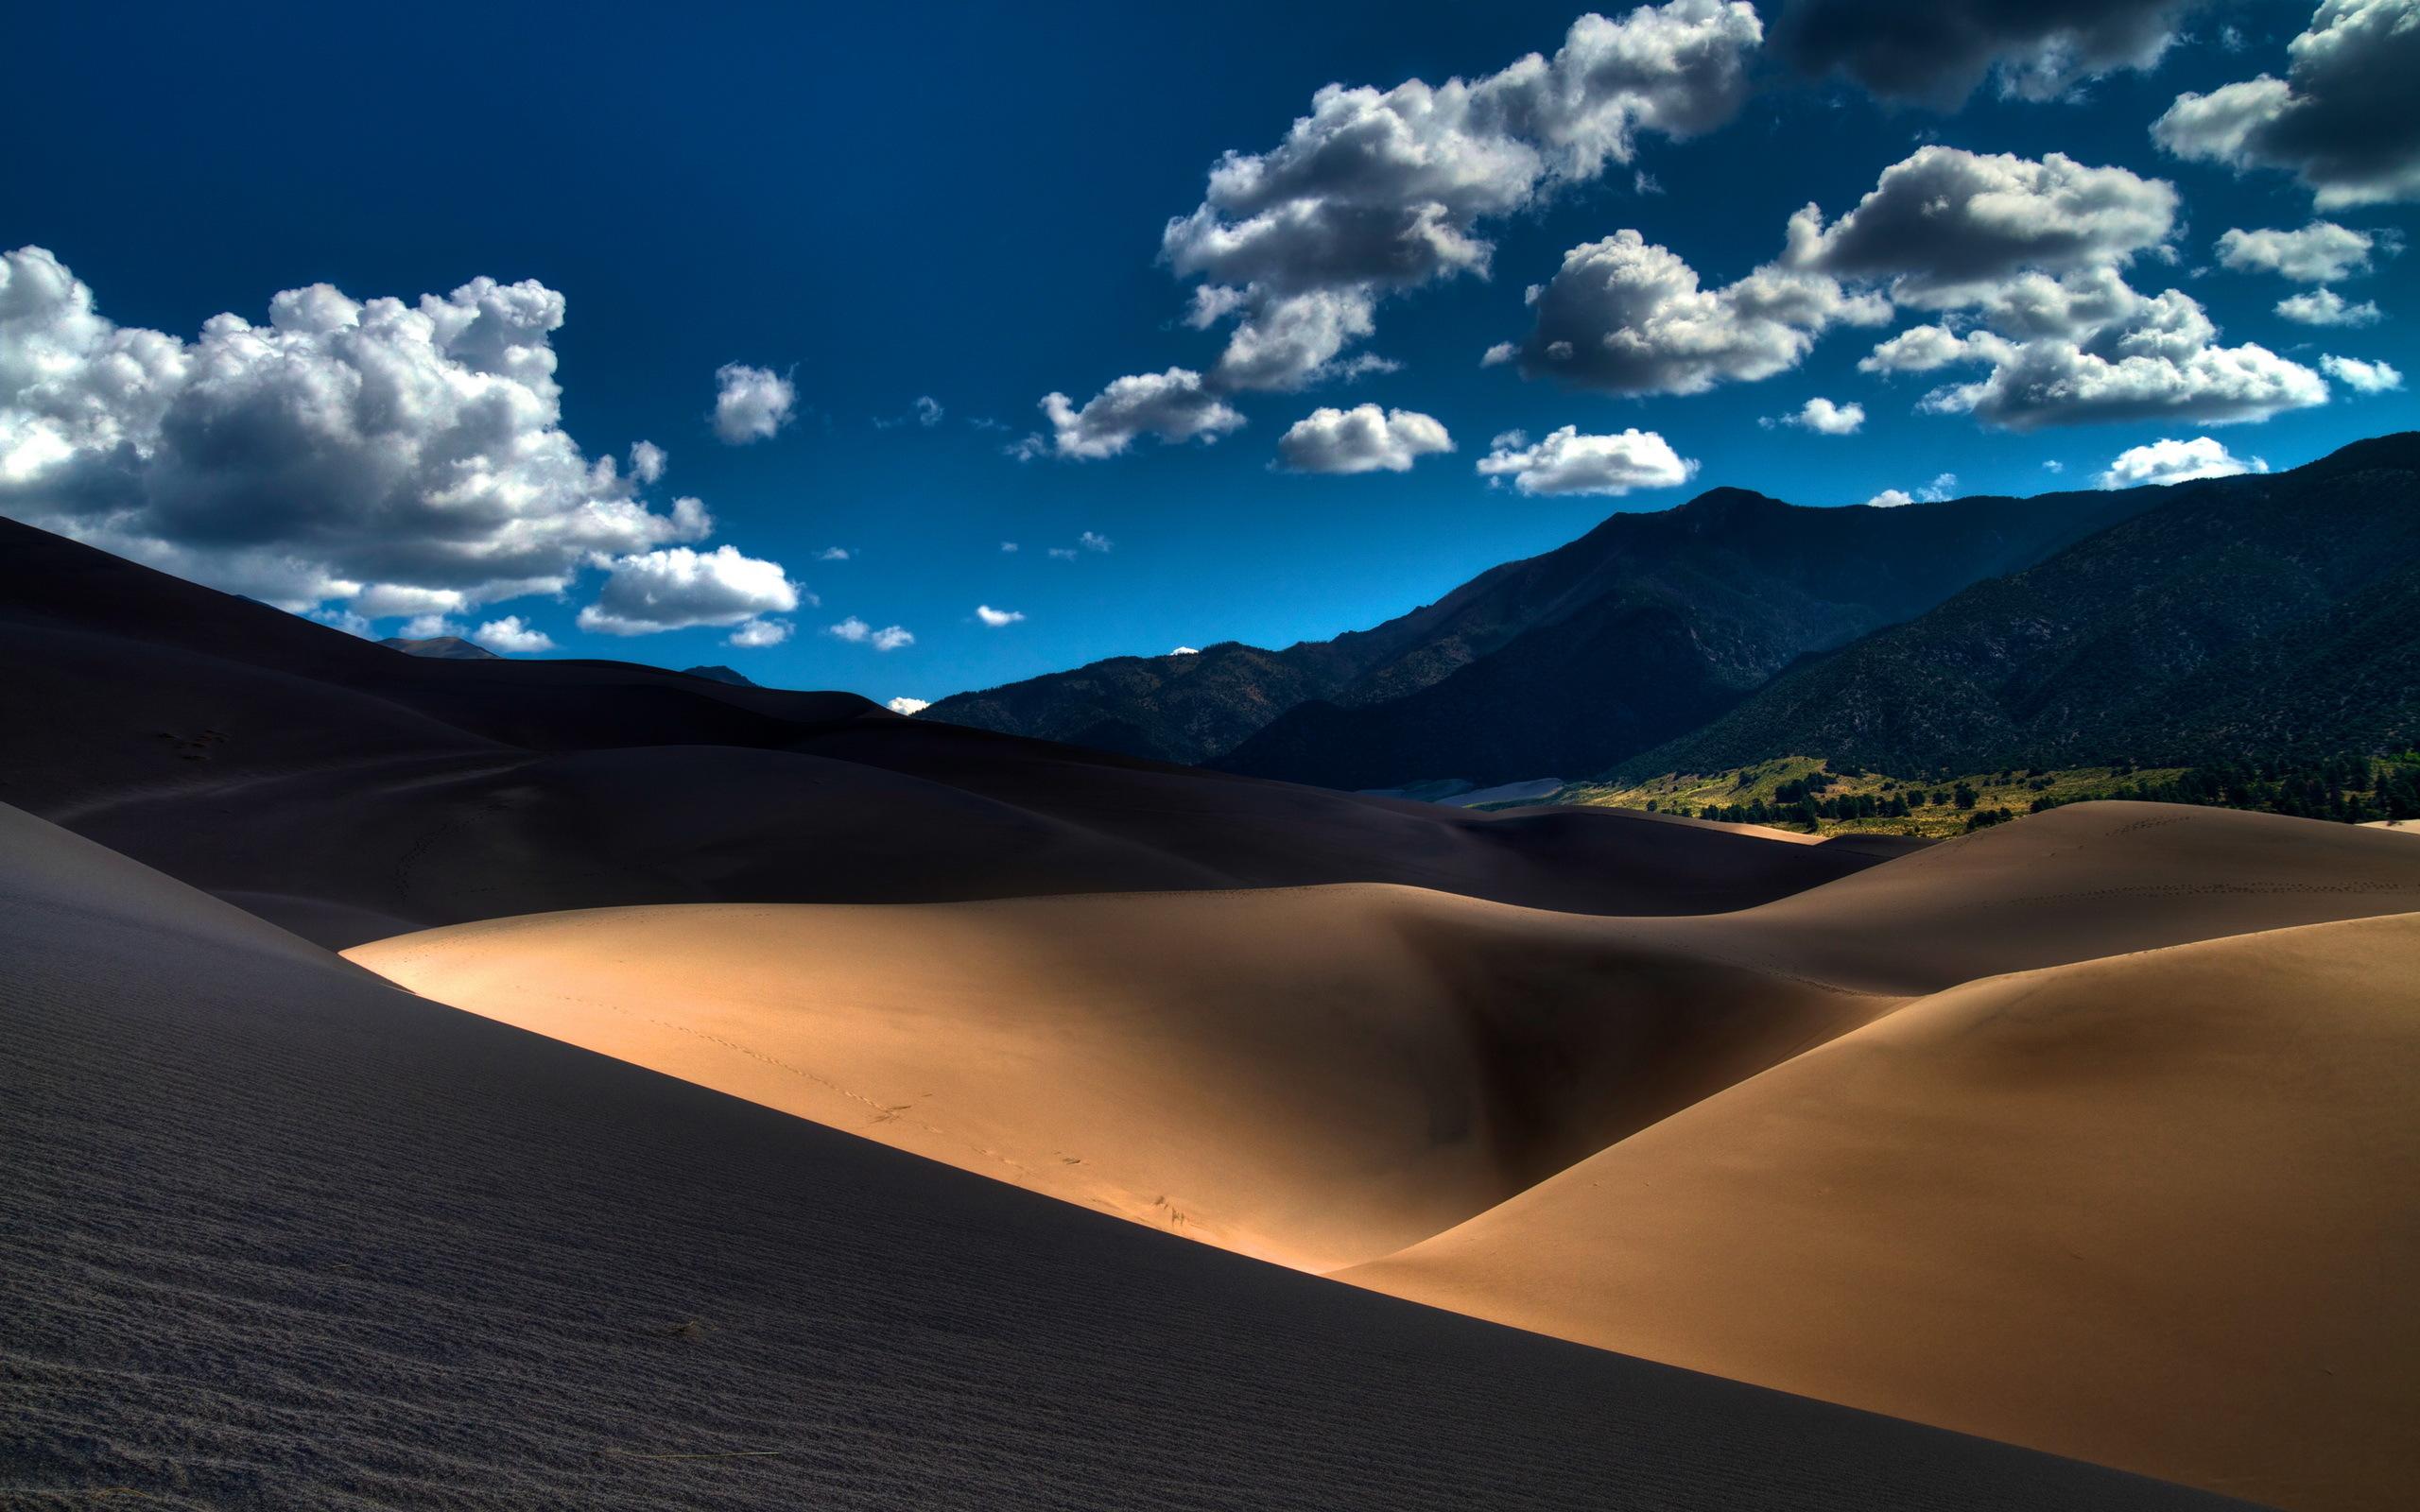 песчаные горы в пустыне  № 3606023 бесплатно